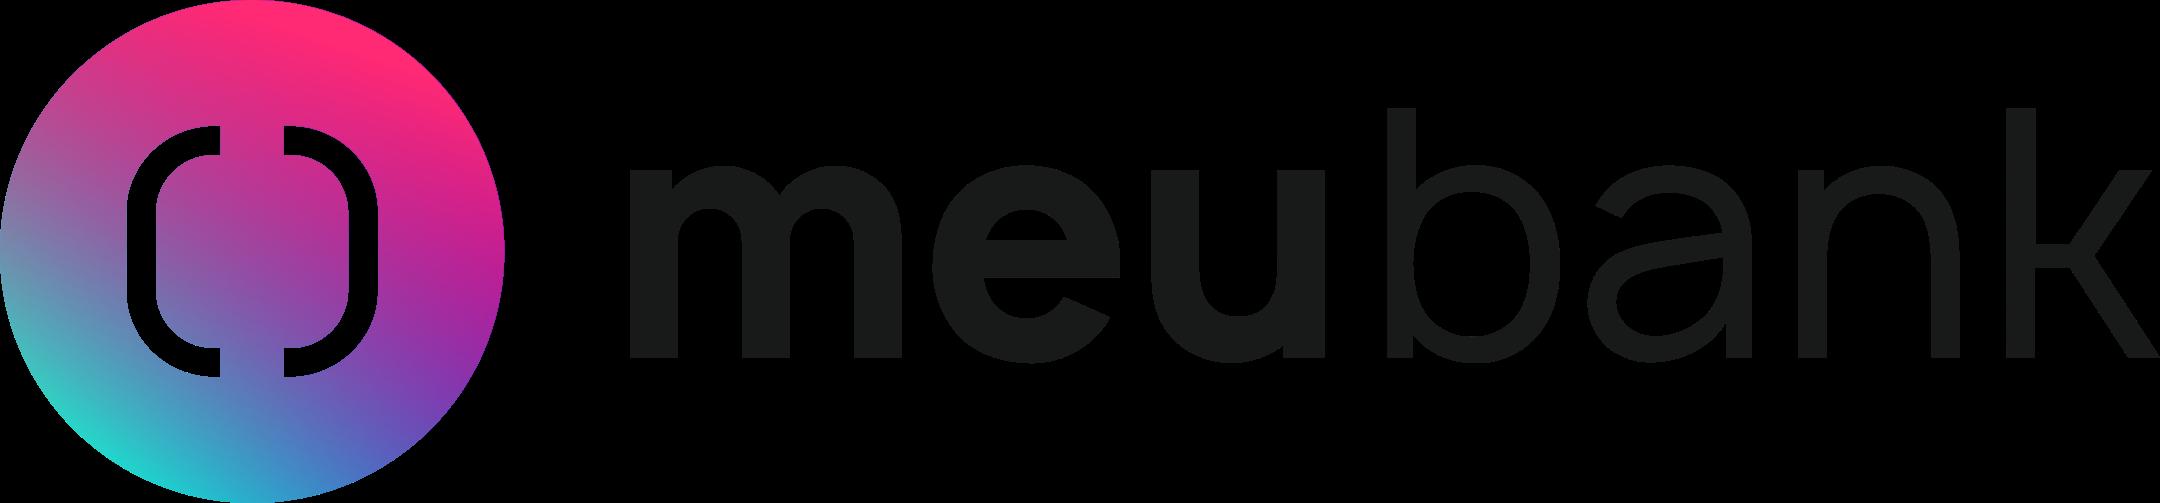 meubank logo 1 - Meubank Logo